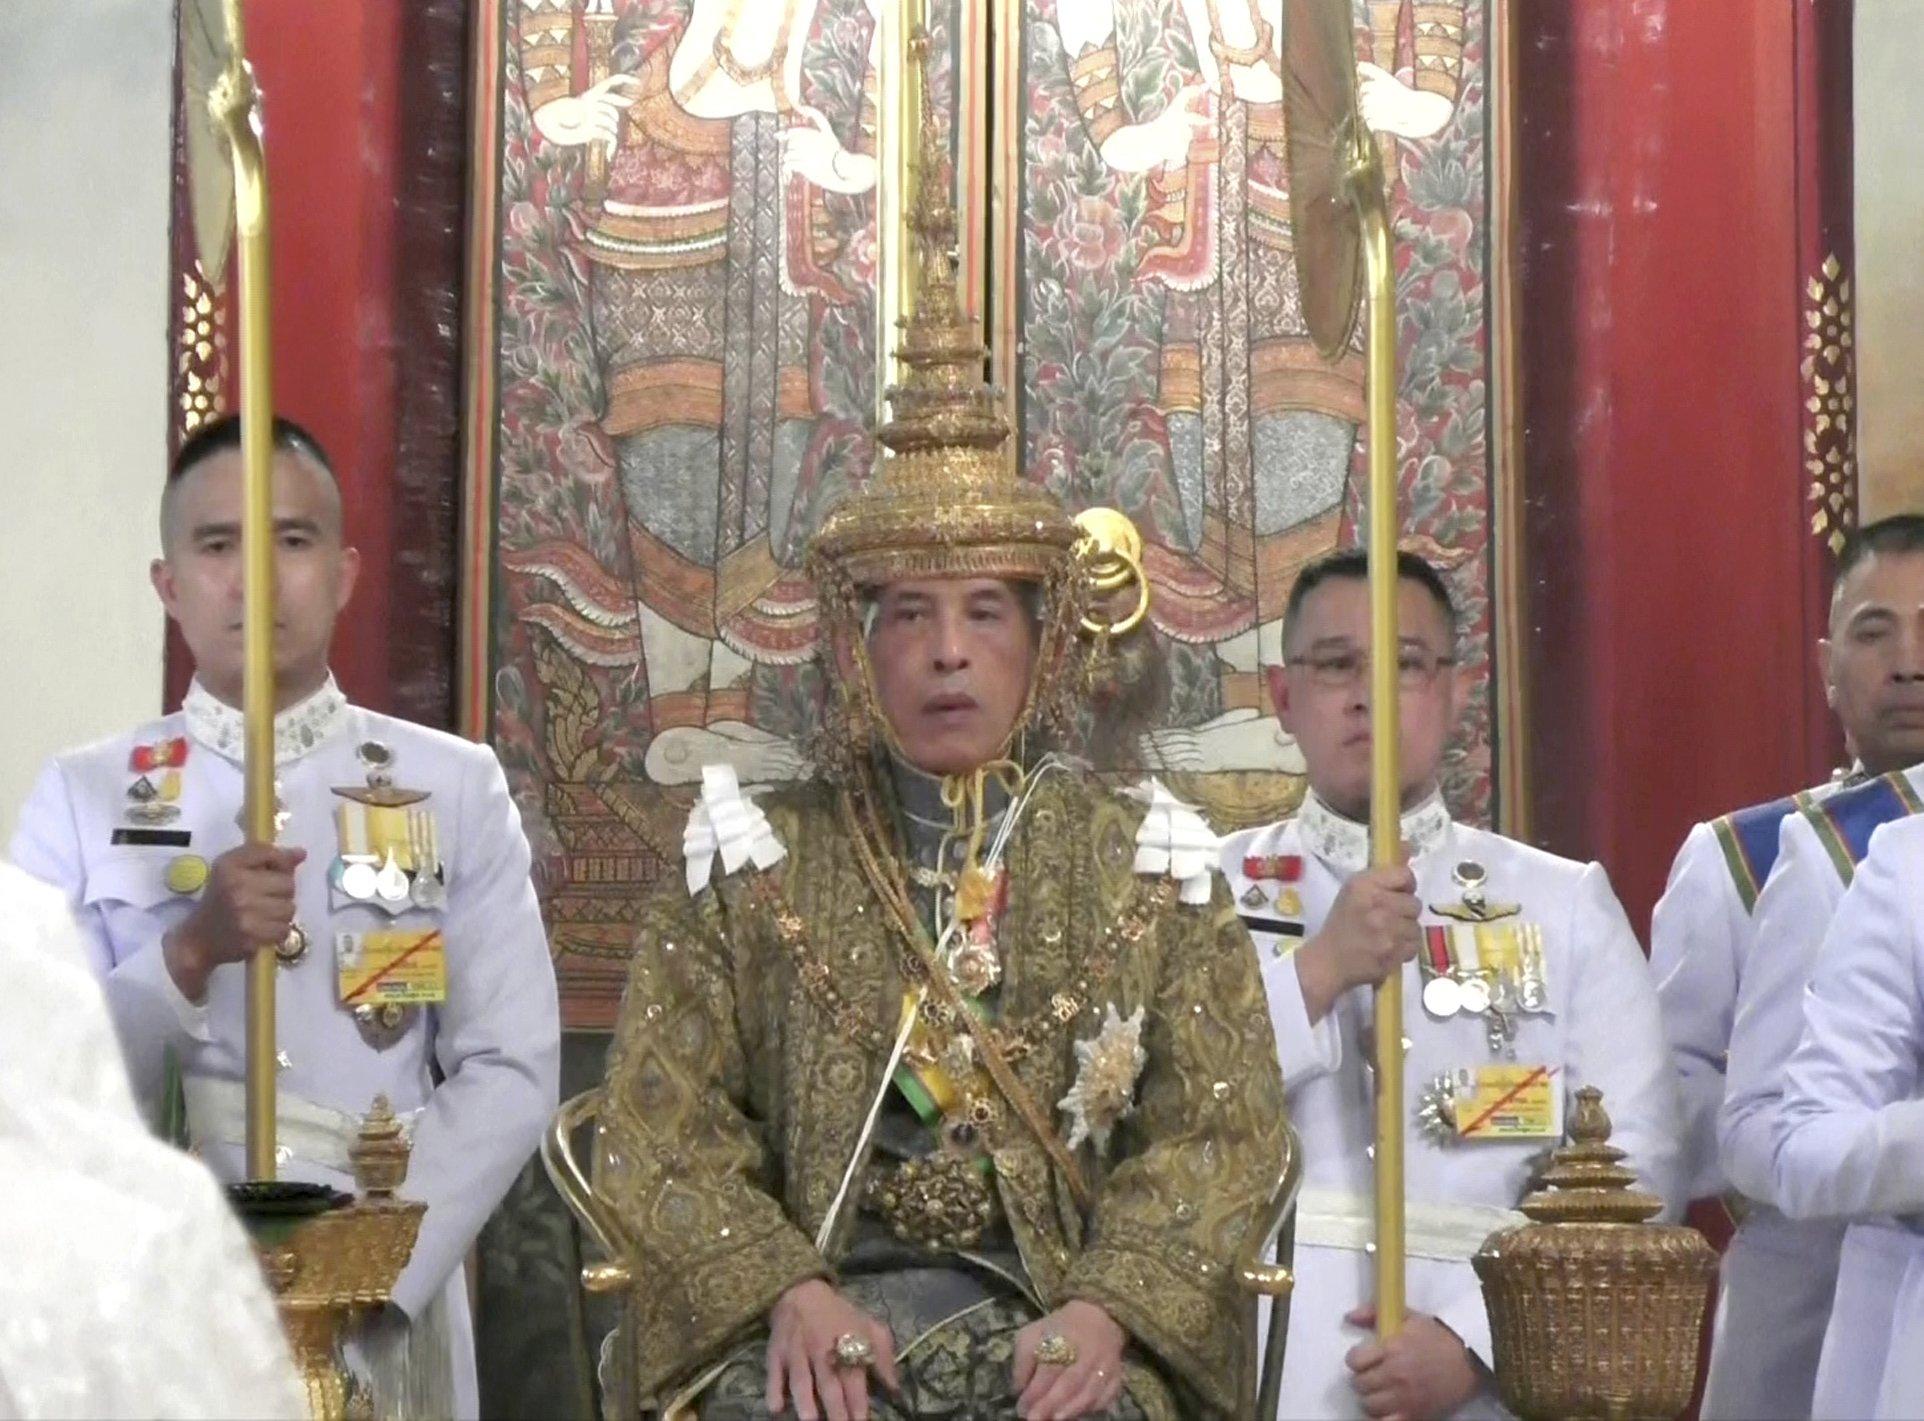 thai kings de 45cat - 793×595